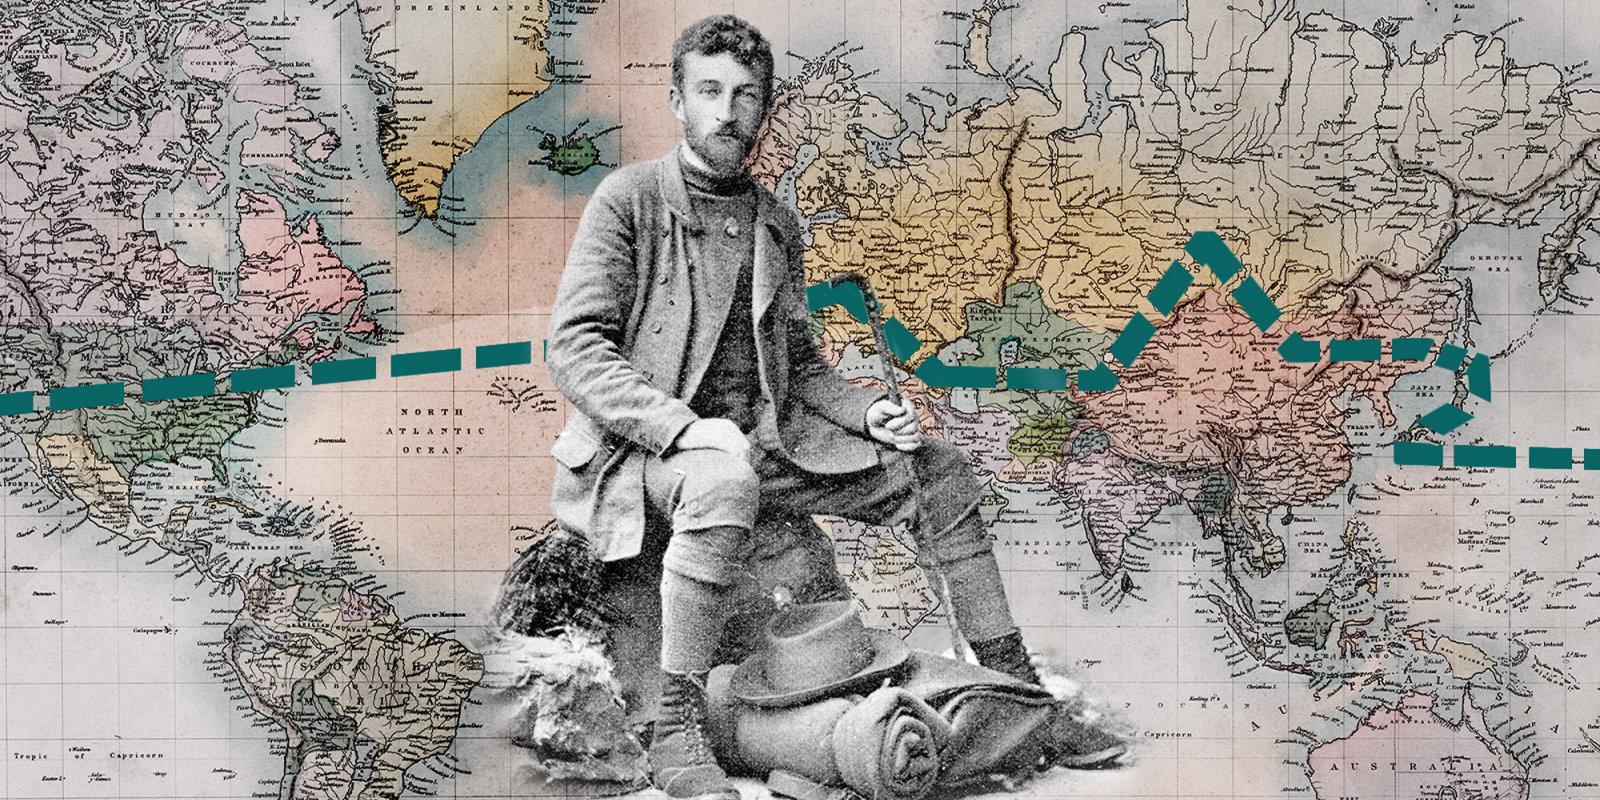 Pirmais cilvēks, kurš kājām apgāja apkārt pasaulei – rīdzinieka Rengartena stāsts